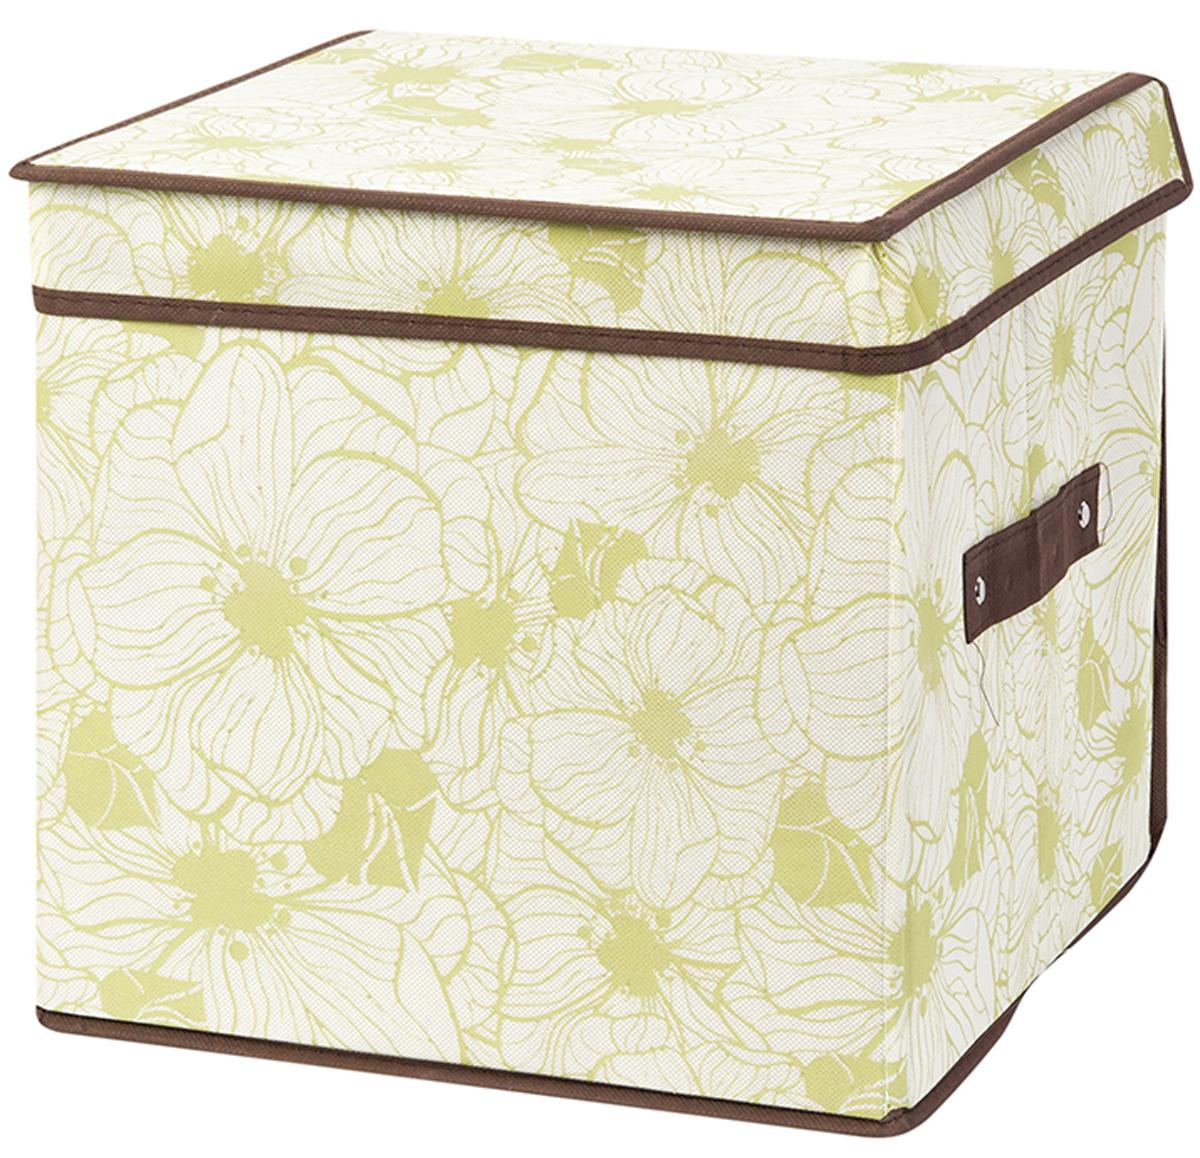 Кофр складной для хранения El Casa Цветы на бежевом, 31 х 31 х 31 см370748Кофр для хранения представляет собой закрывающуюся крышкой коробку жесткой конструкции, благодаря наличию внутри плотных листов картона. Специально предназначен для защиты Вашей одежды от воздействия негативных внешних факторов: влаги и сырости, моли, выгорания, грязи. Позволит организовать хранение перчаток, ремней, шарфов. Размер 31х31х31 см.Кофр складной для хранения 31*31*31 см. EL Casa Цветы на бежевом + ручка, квадрат